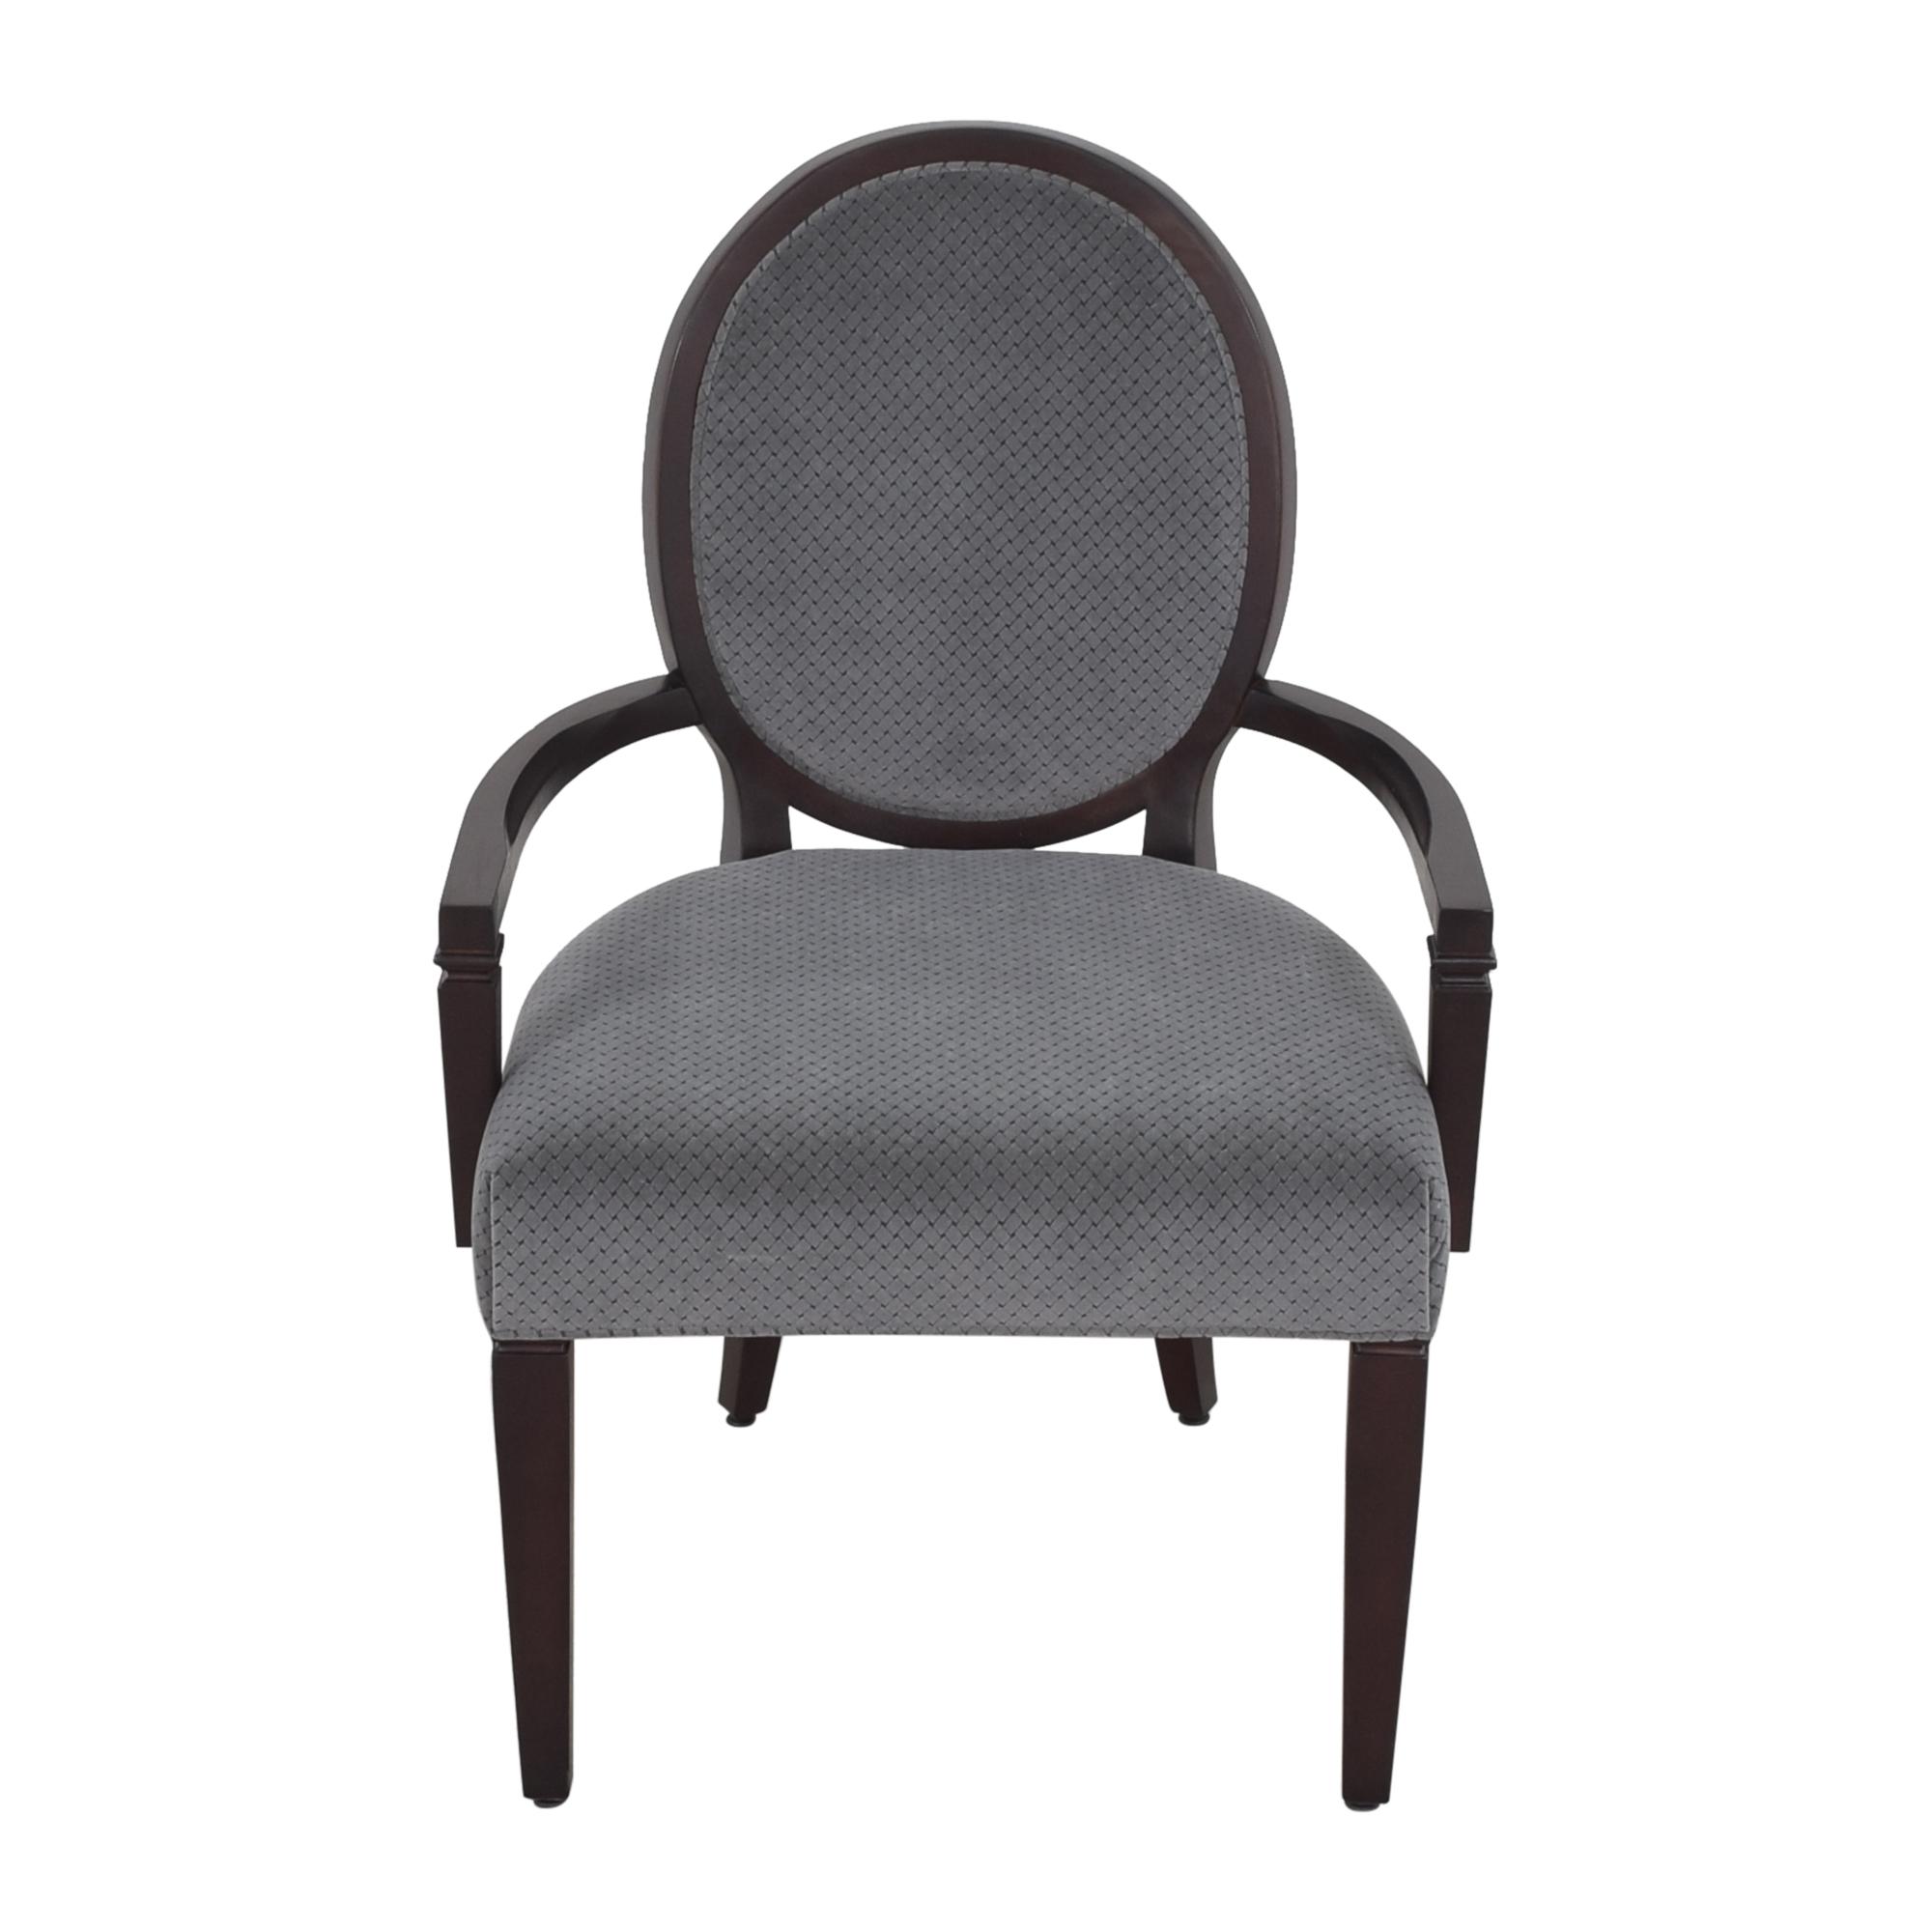 Hekman Furniture Hekman Furniture Brighton King Louis Back Armchair nj